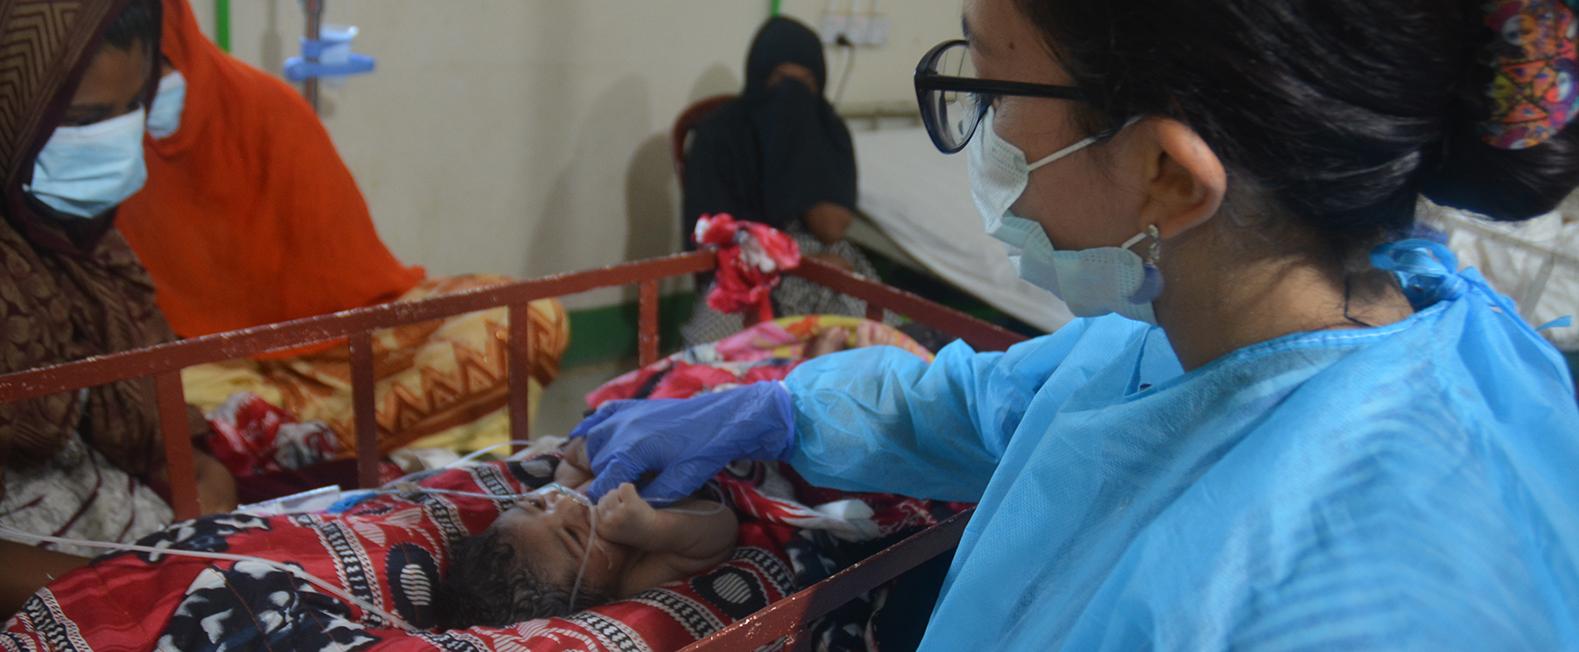 Læger uden Grænser (MSF) hjælper på vores hospital i Cox's Bazar i Bangladesh